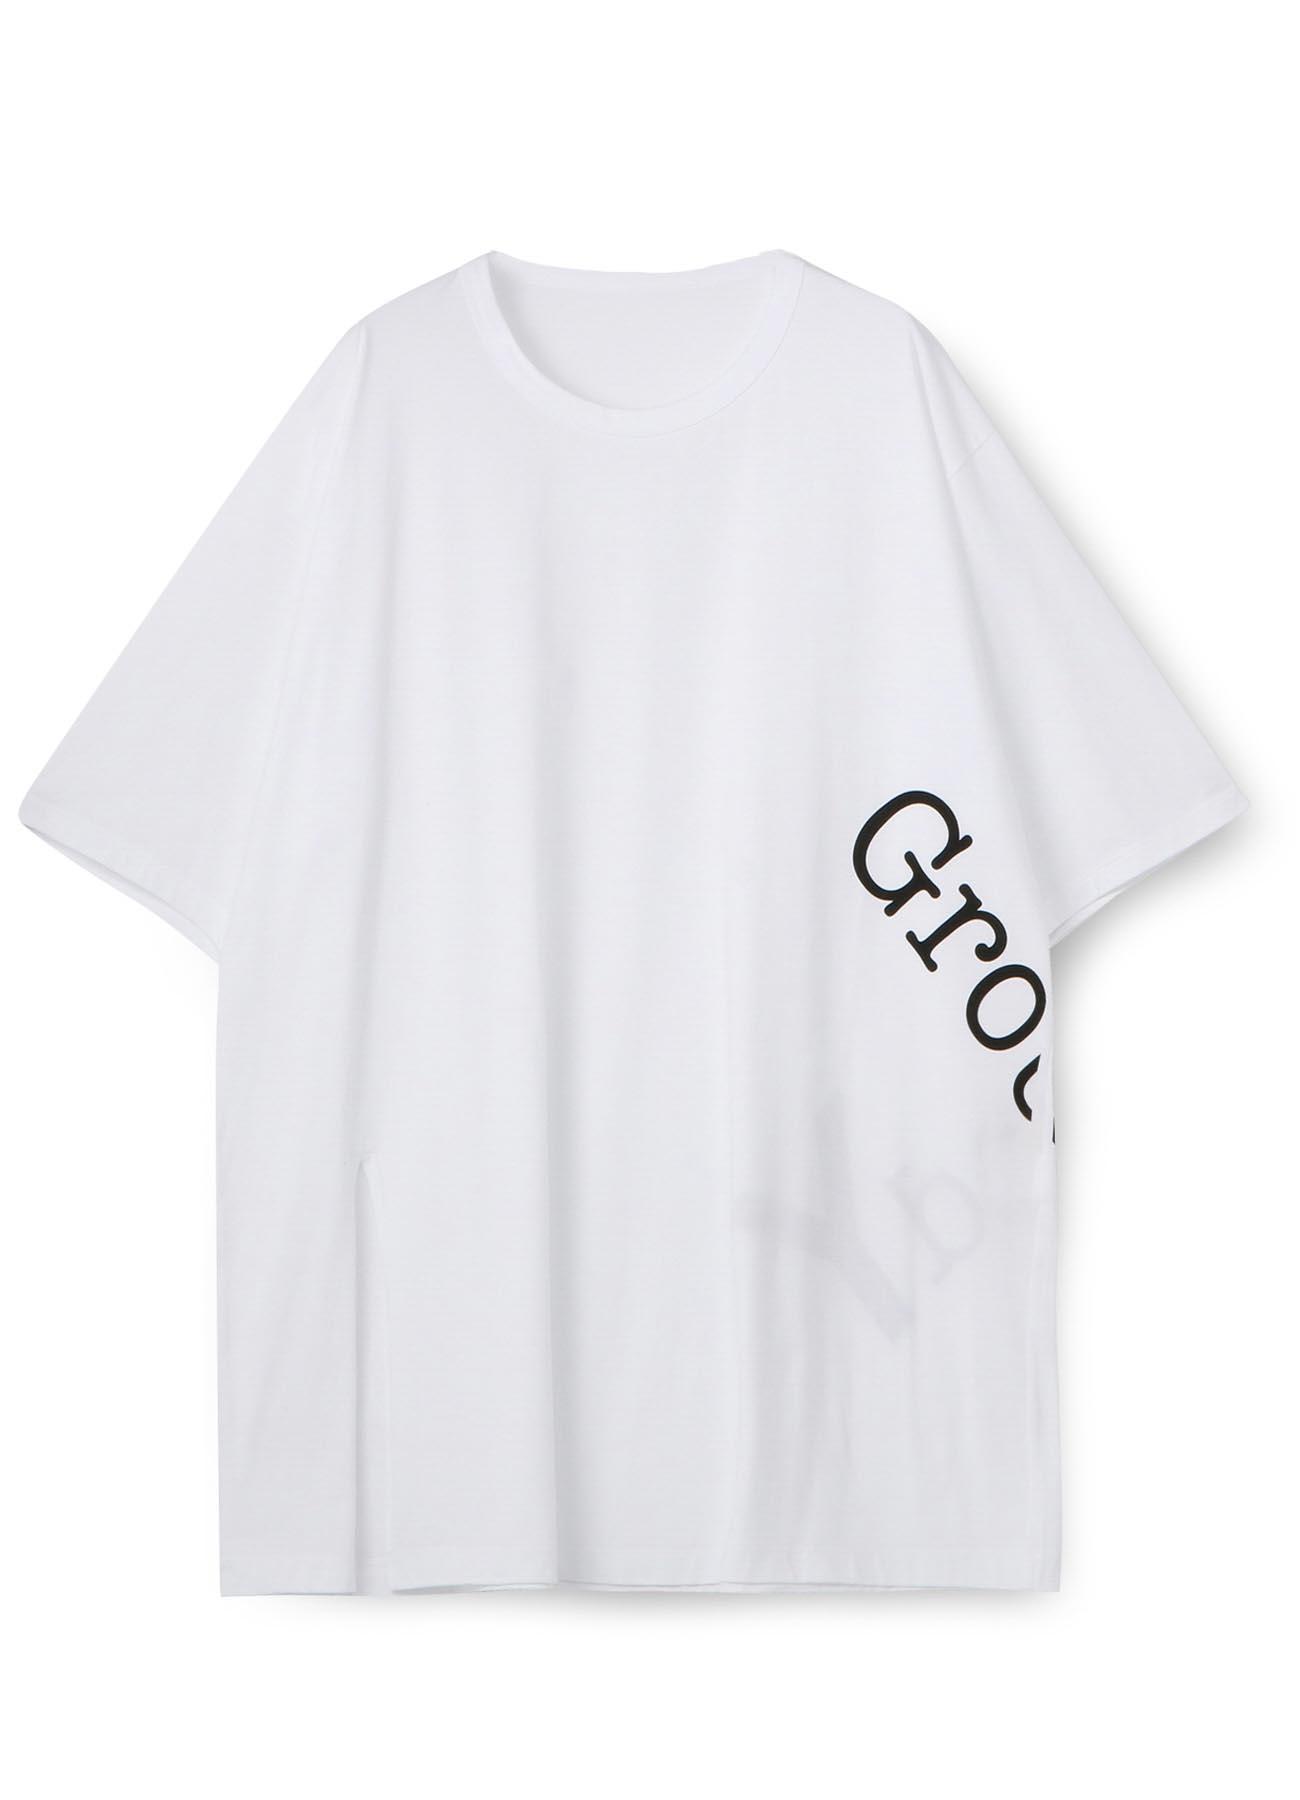 30 /棉质球衣GY徽标Jumbo Graphic T